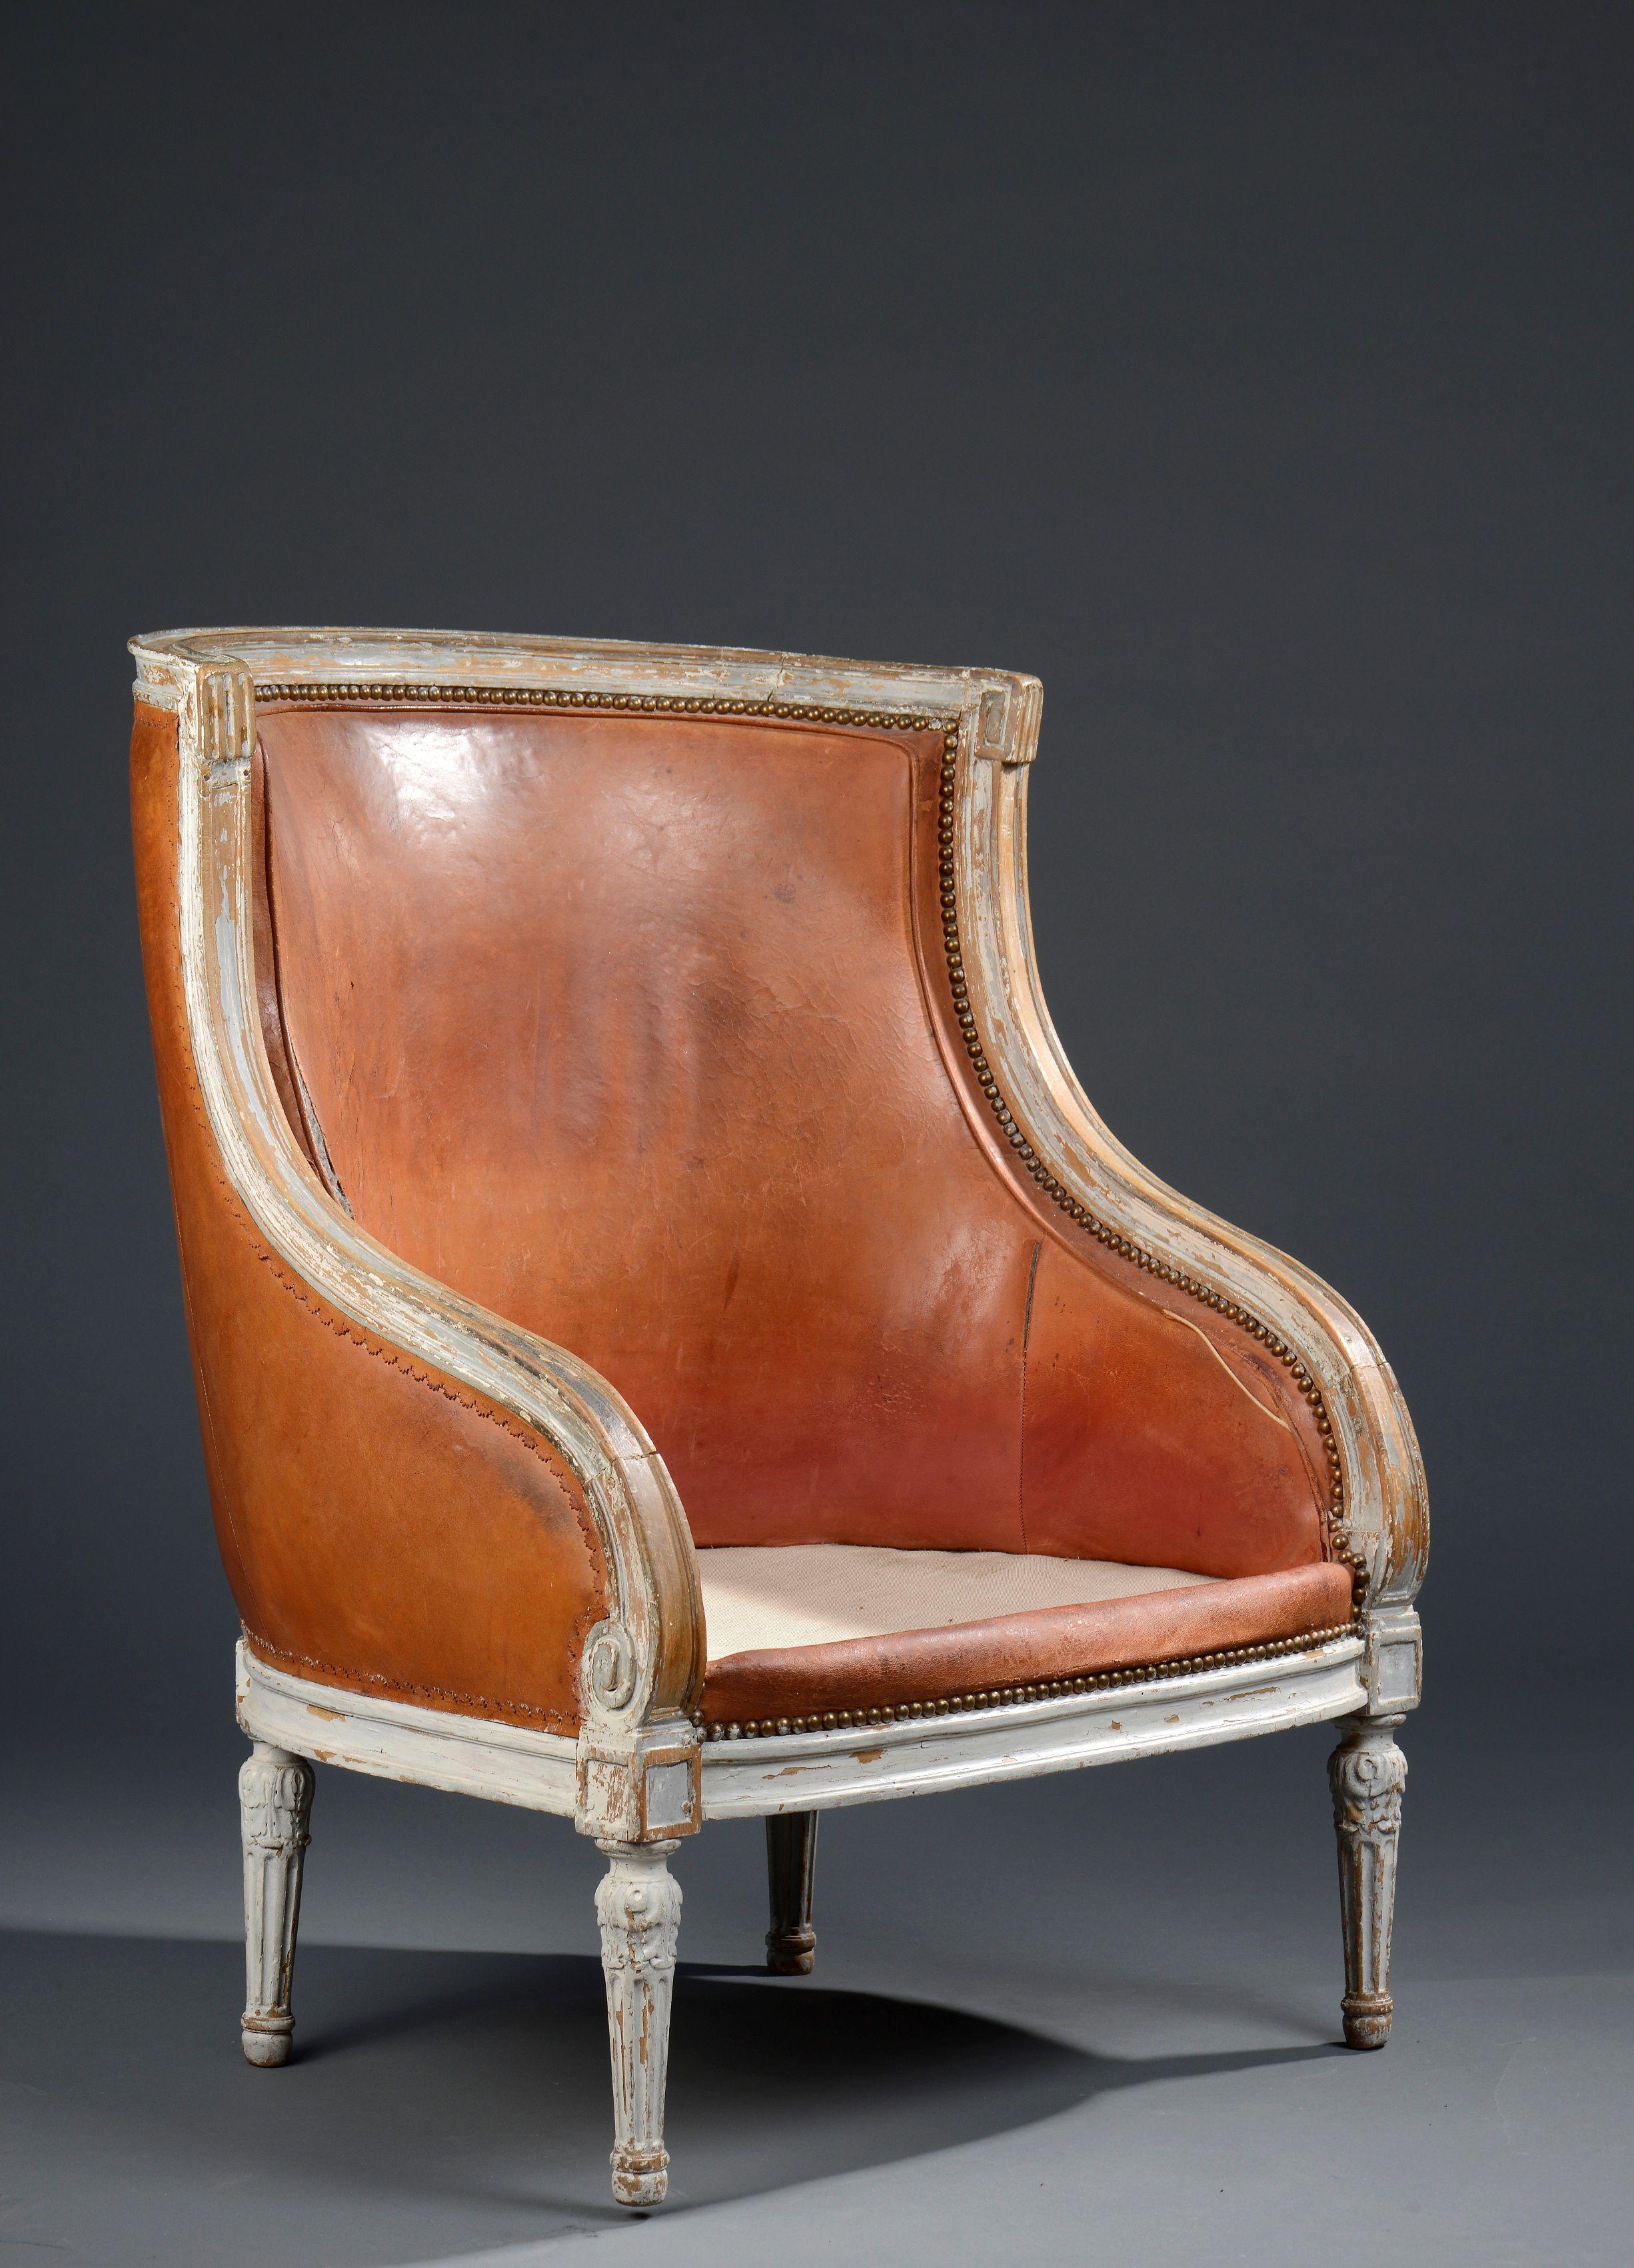 Revolving Chair Features Dental Bergere En Bois Mouluré Et Laqué à Dossier Gondole D